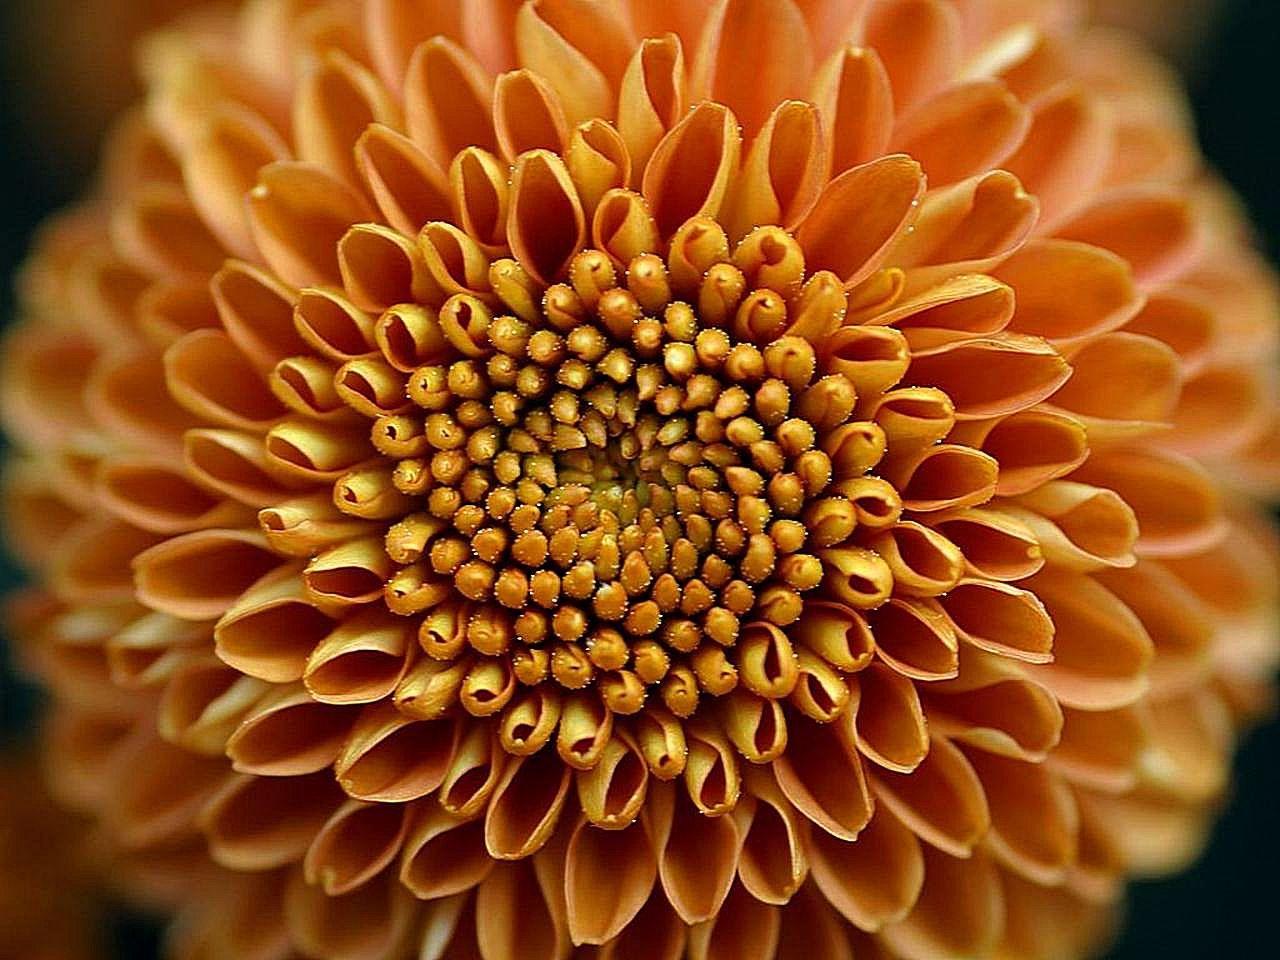 Filemums Flower Big Yellowg Wikimedia Commons